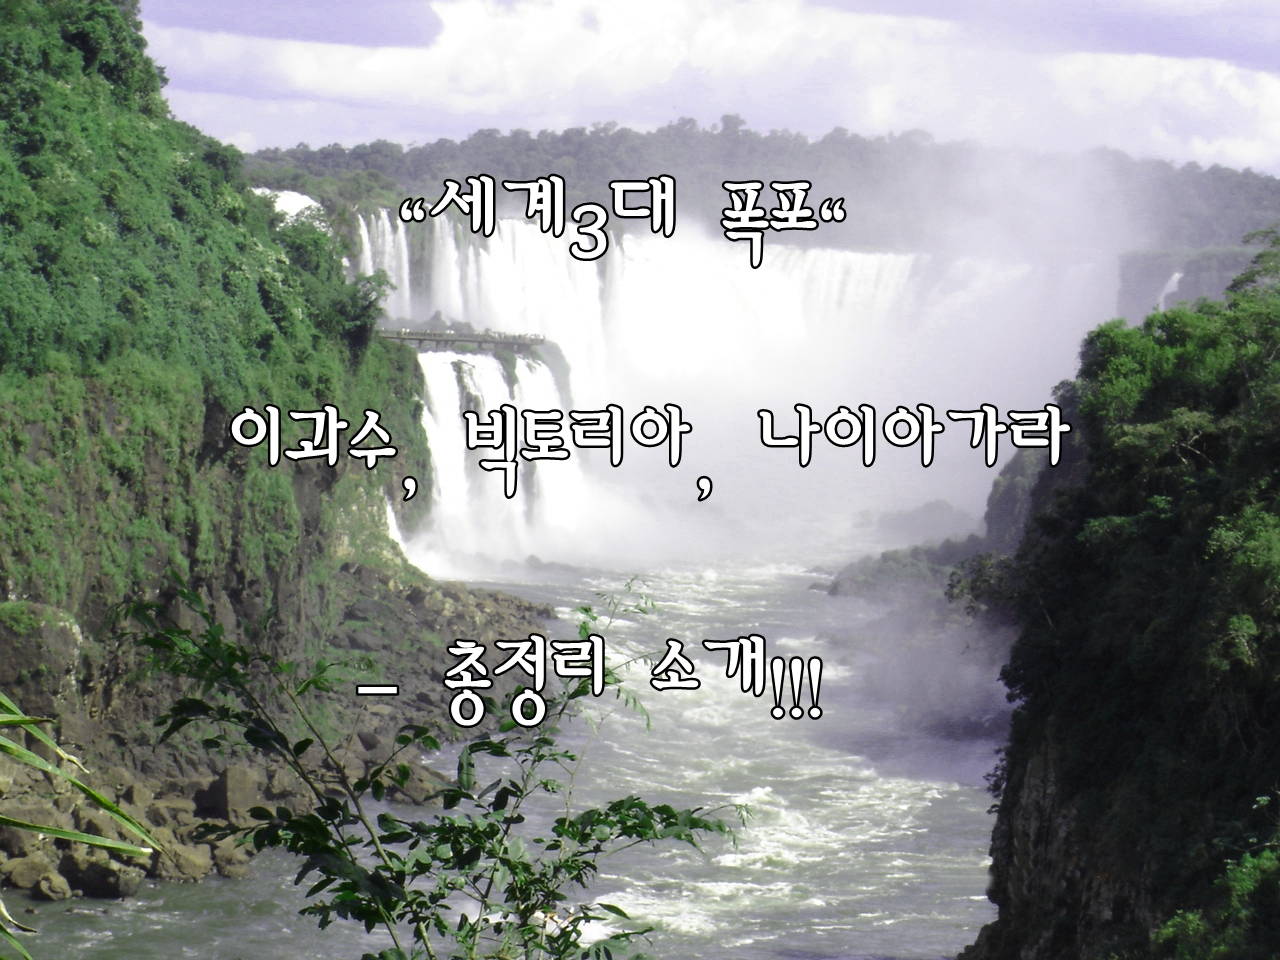 세계3대폭포 사진, photo by 자연의 파노라마